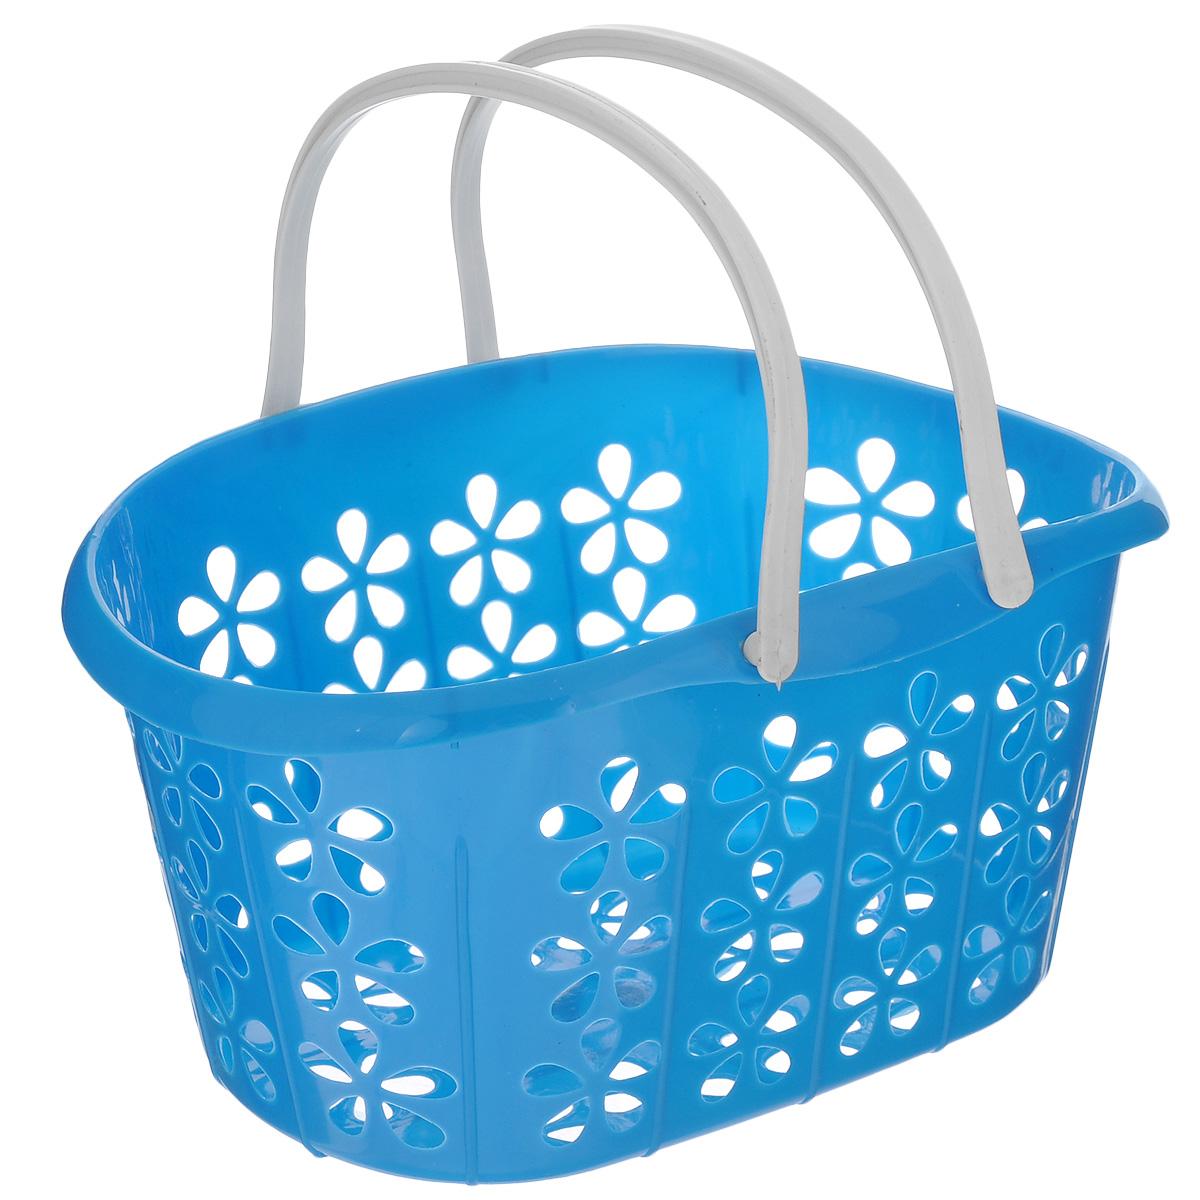 Корзинка Sima-land, с ручками, цвет: синий, 22,5 х 16,5 х 12 см139077 синийКорзинка Sima-land, изготовленная из высококачественного прочного пластика, предназначена для хранения мелочей в ванной, на кухне, даче или гараже. Изделие оснащено двумя удобными складными ручками.Это легкая корзина с сетчатым дном, жесткой кромкой и небольшими отверстиями позволяет хранить средние вещи в одном месте, исключая возможность их потери. Сетчатое дно исключает скопление пыли и влаги на дне корзины.